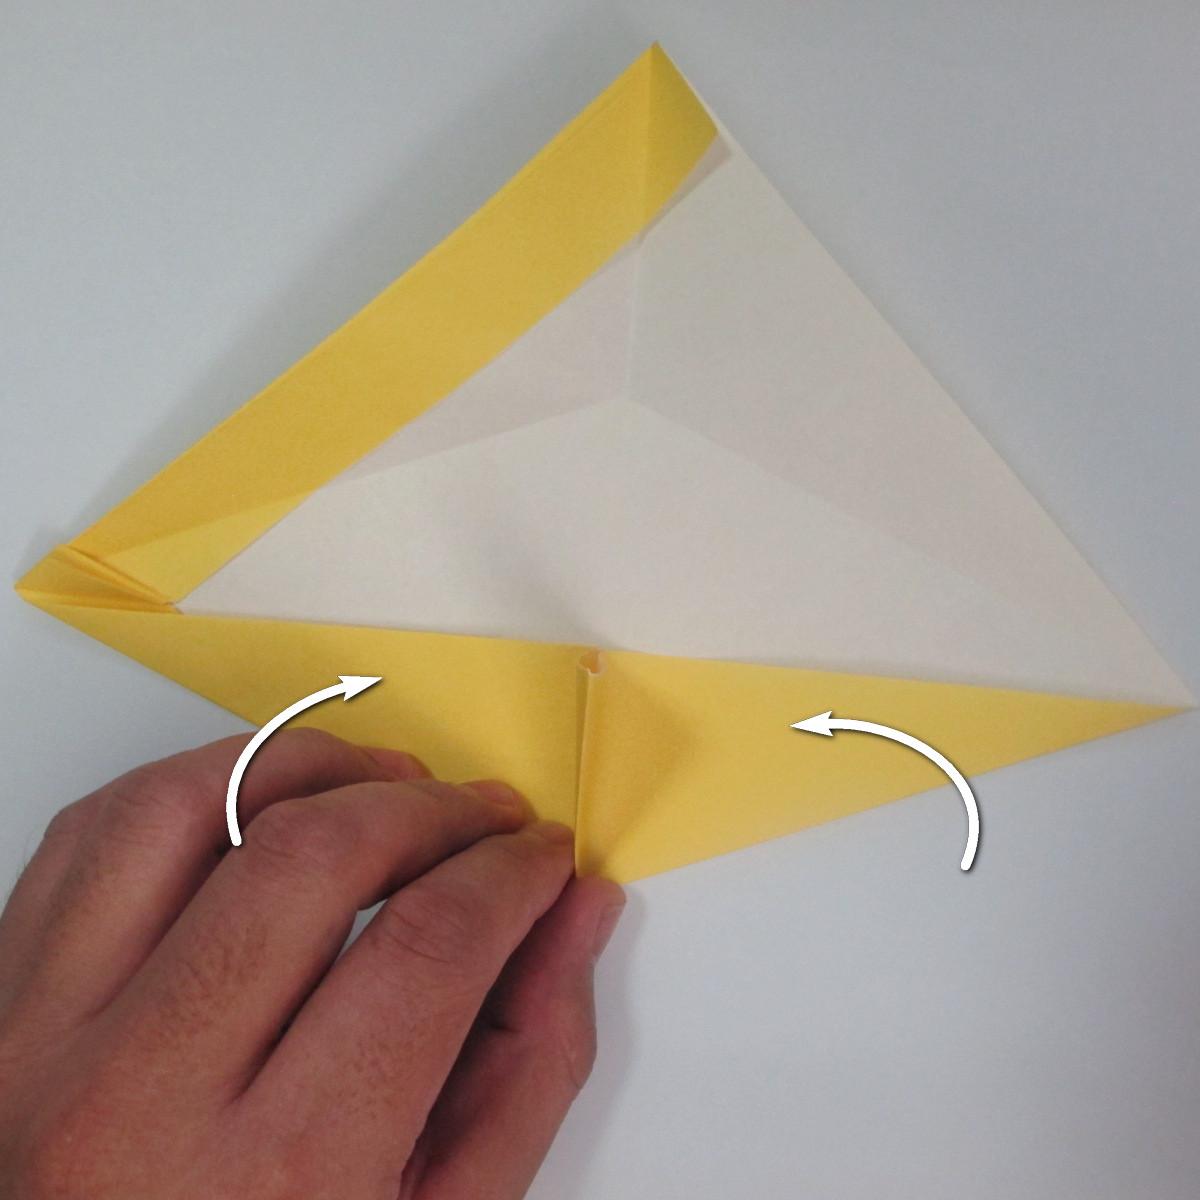 สอนวิธีพับกระดาษเป็นรูปลูกสุนัขยืนสองขา แบบของพอล ฟราสโก้ (Down Boy Dog Origami) 035